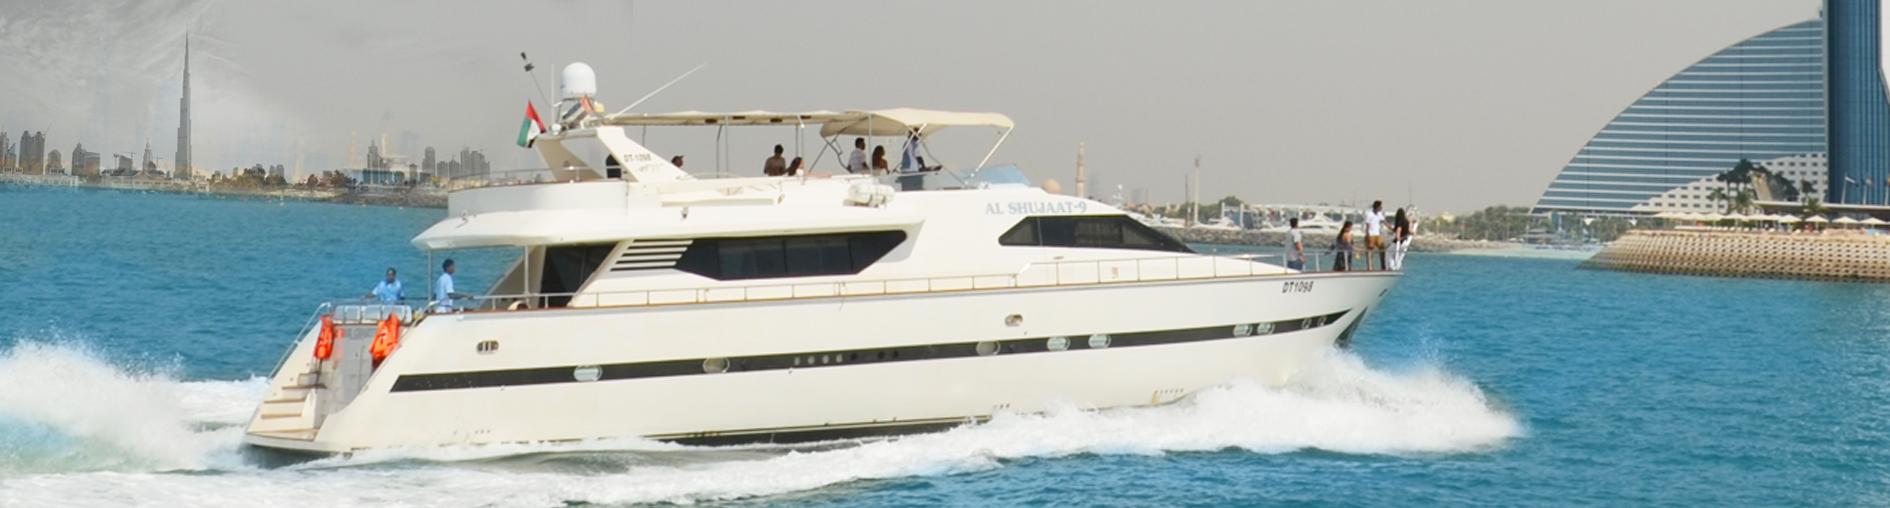 yacht charter Dubai